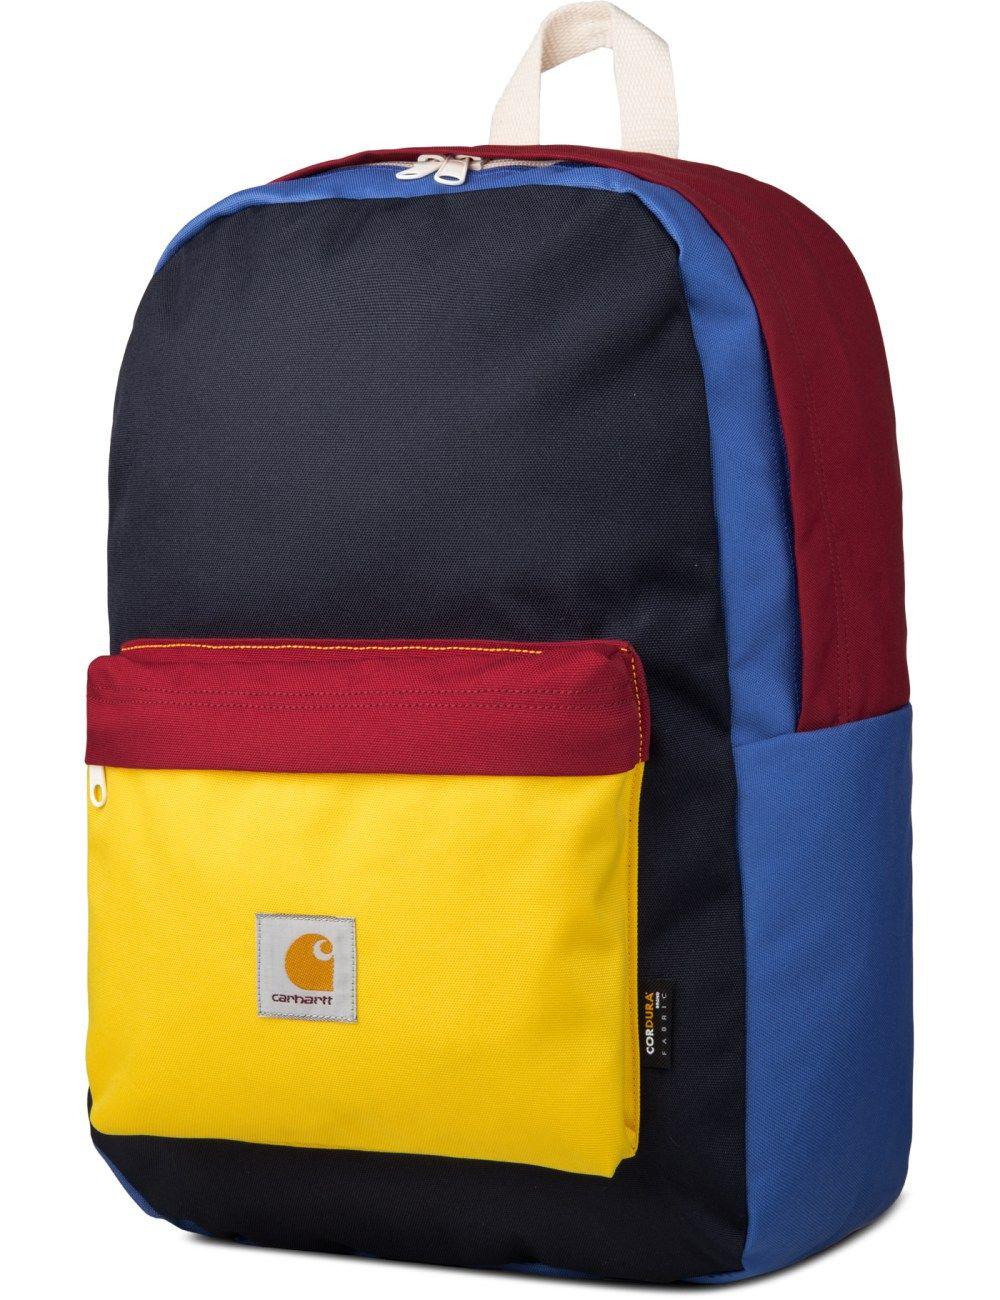 Carhartt WORK IN PROGRESS Multicolor Watch Backpack